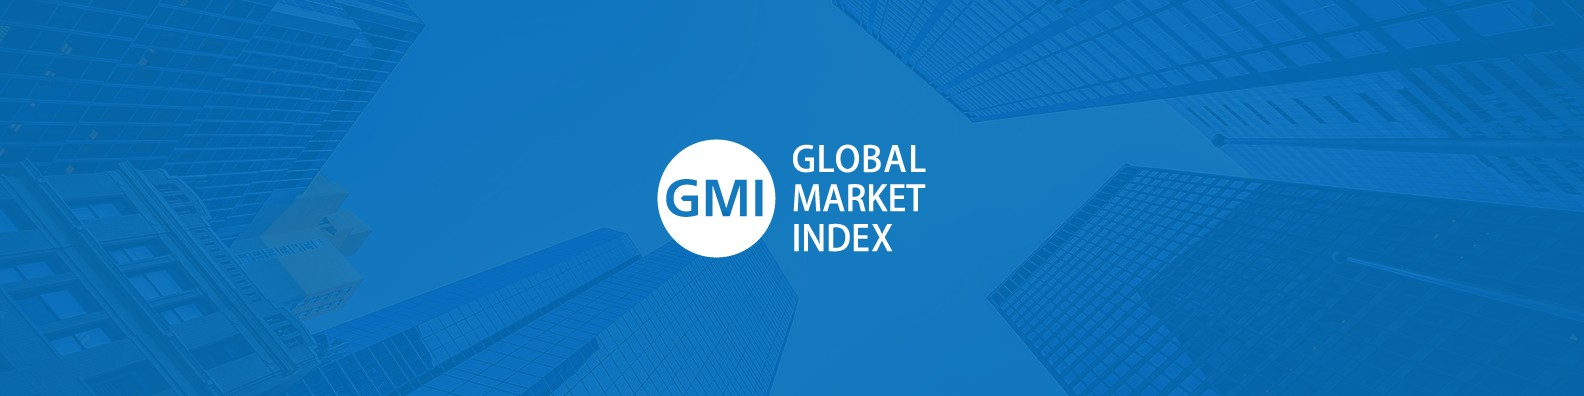 Global Market Index Limited | LinkedIn